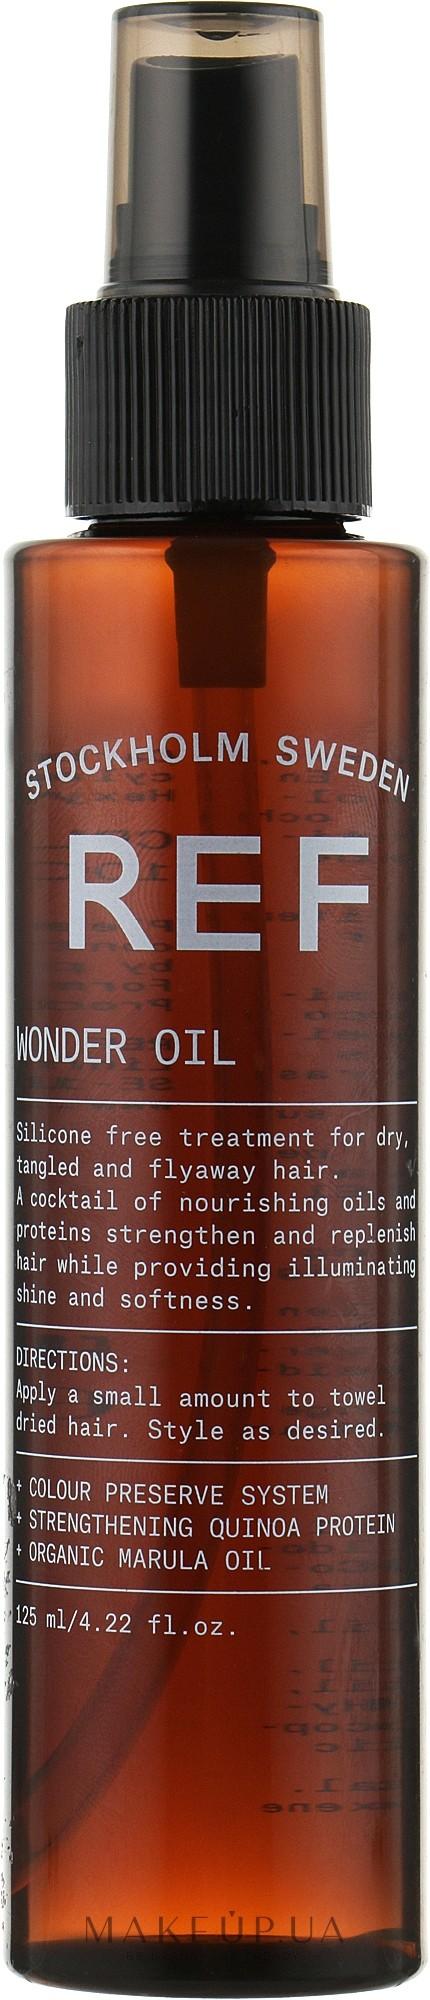 Масло для здоровых шелковистых волос Wonder Oil REF Швеция 125 мл(р) — фото №1